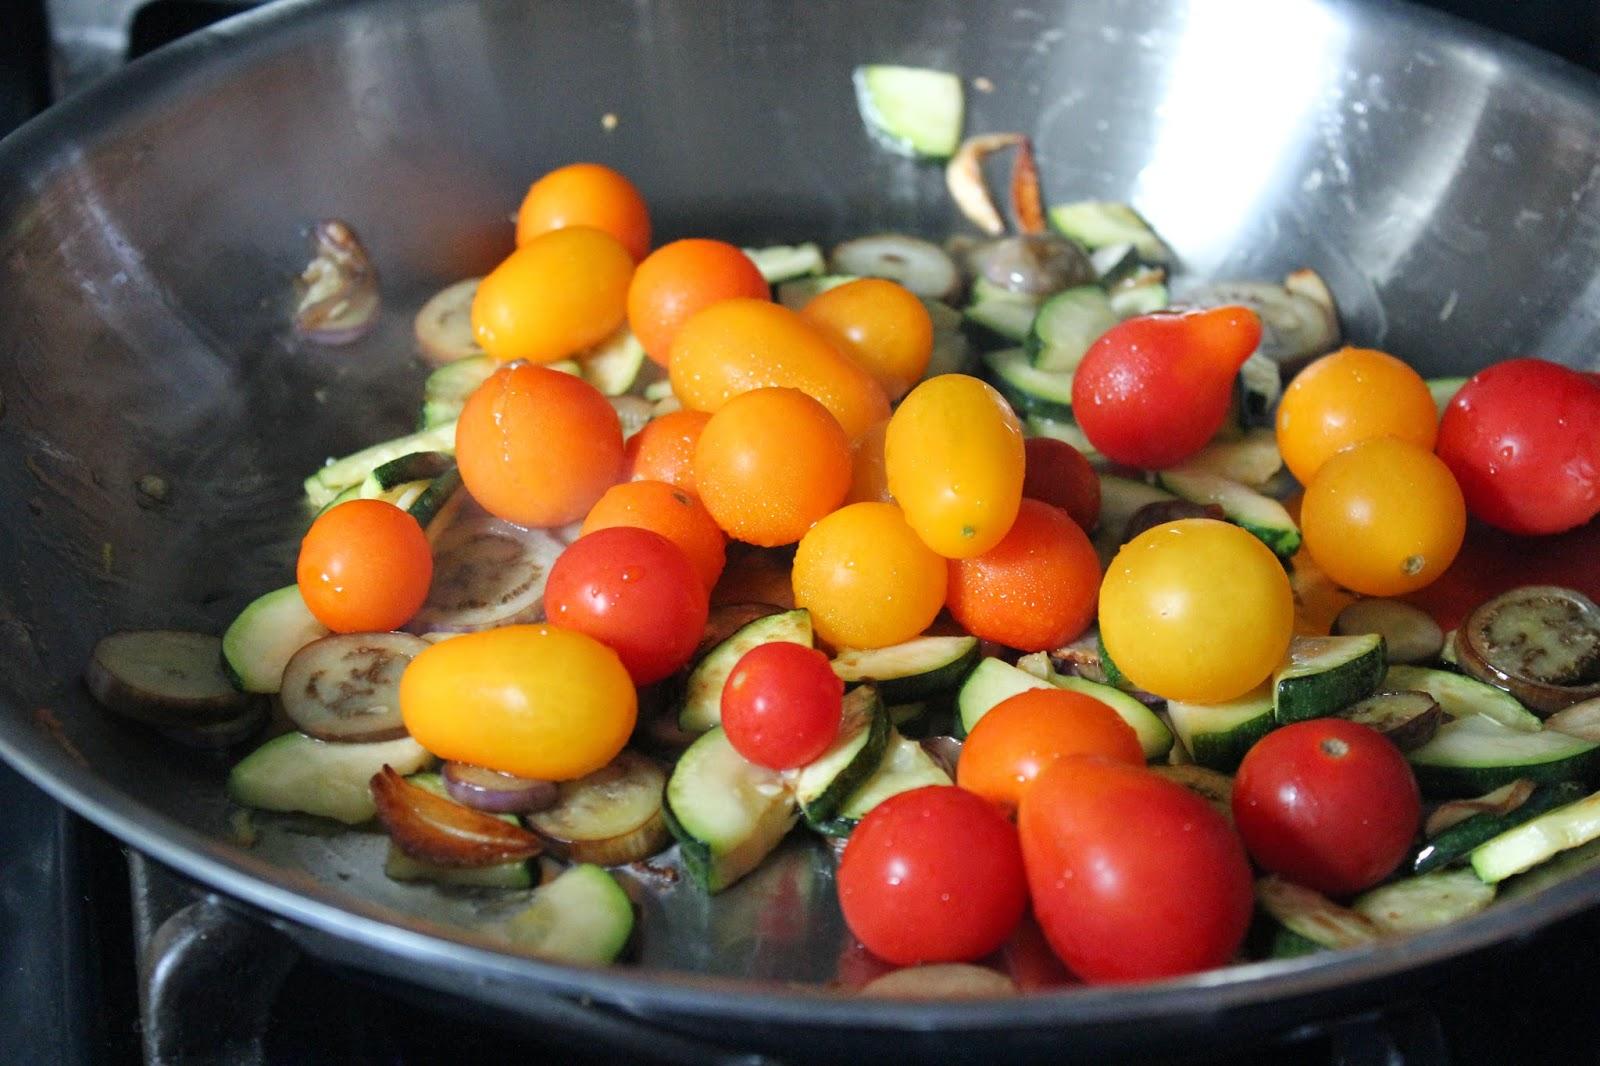 Zucchini, fairytale eggplant, and tomatoes